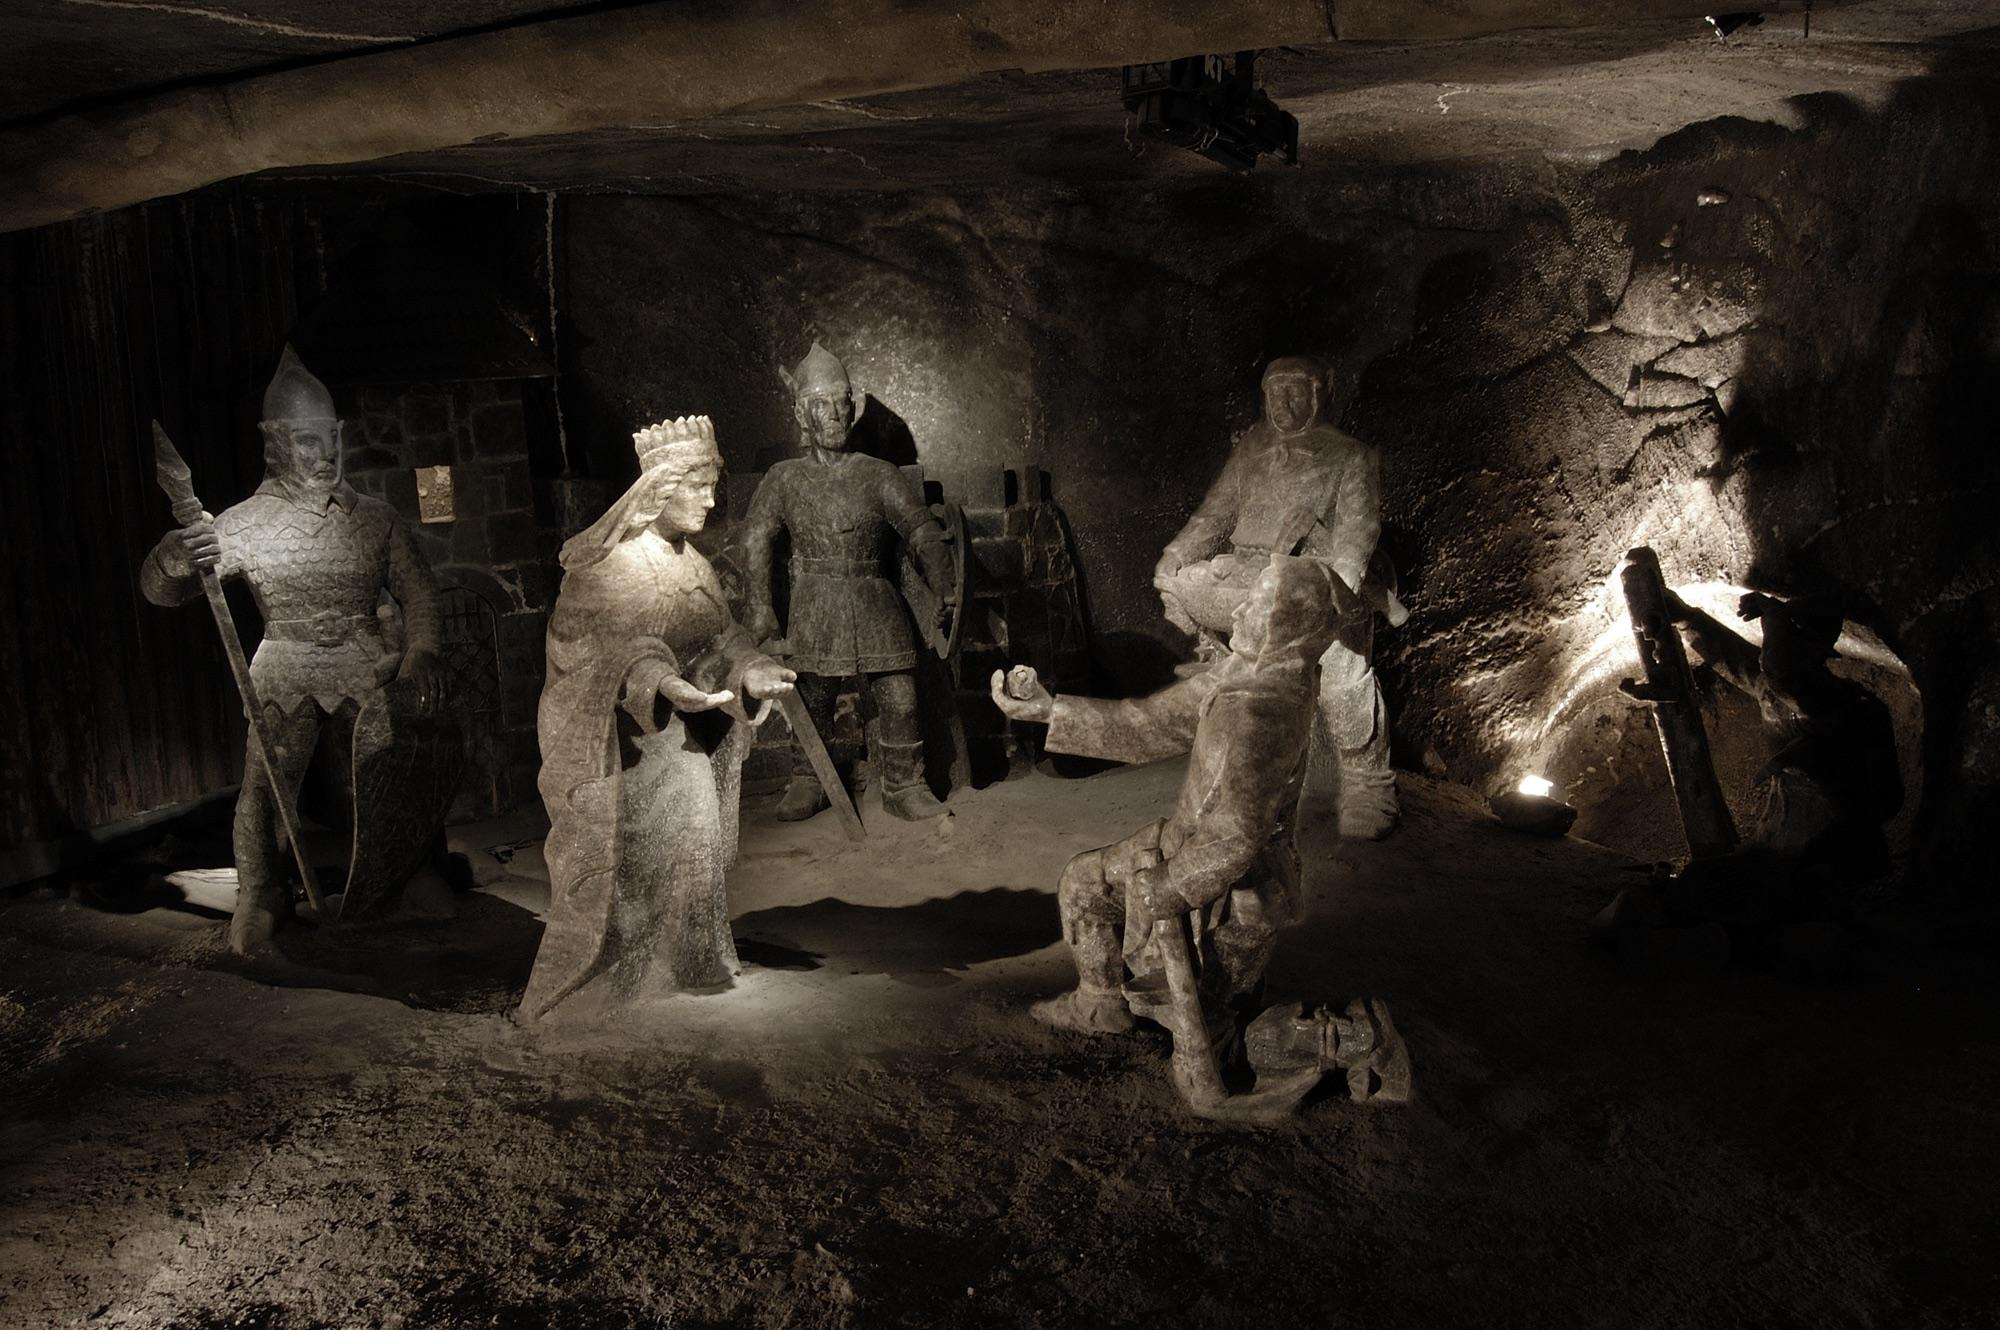 La légende de St. Kinga est illustrée par un groupe de sculptures situé dans la salle de Janowice dans la mine de sel de Wieliczka.  – © Artur Grzybowski